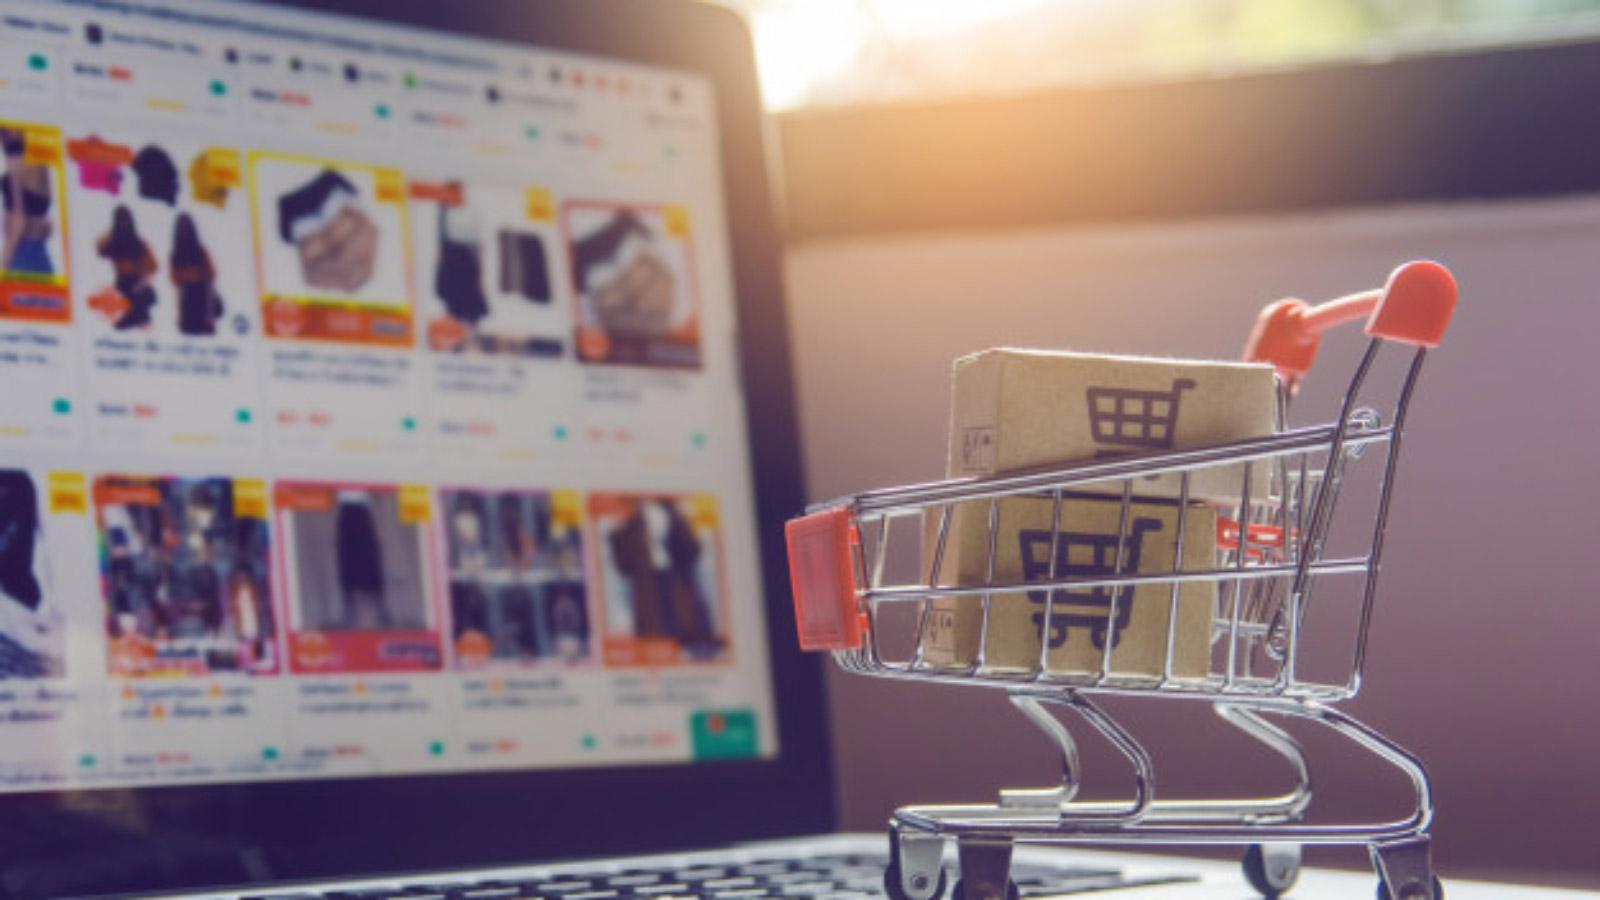 Analiza trendów e-commerce w pierwszym półroczu 2020 analiza mediarun e commerce zakupy internet online 2020